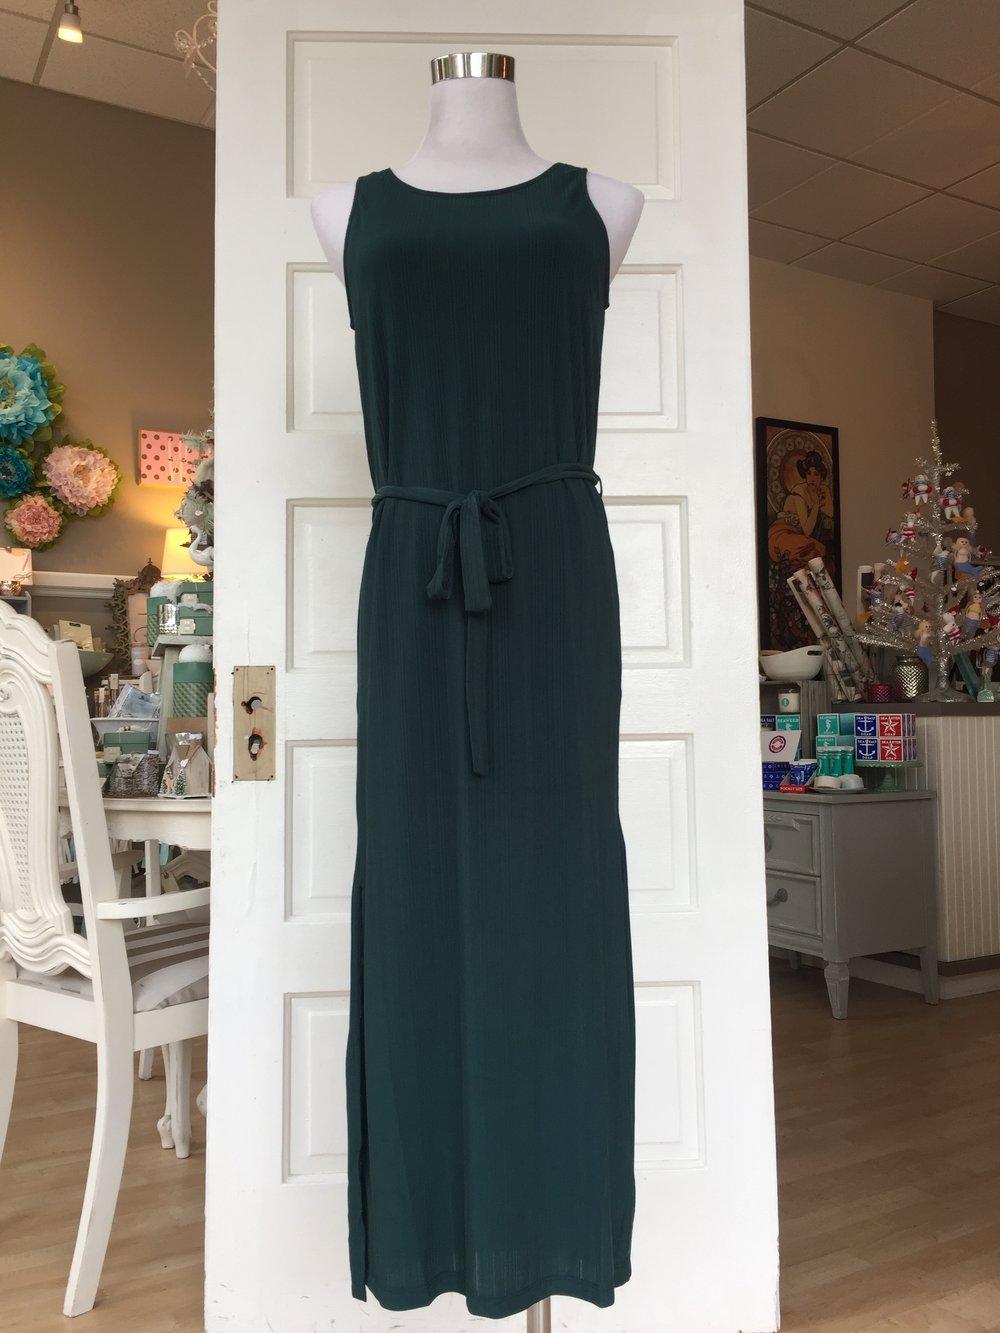 Emerald midi dress ($42)